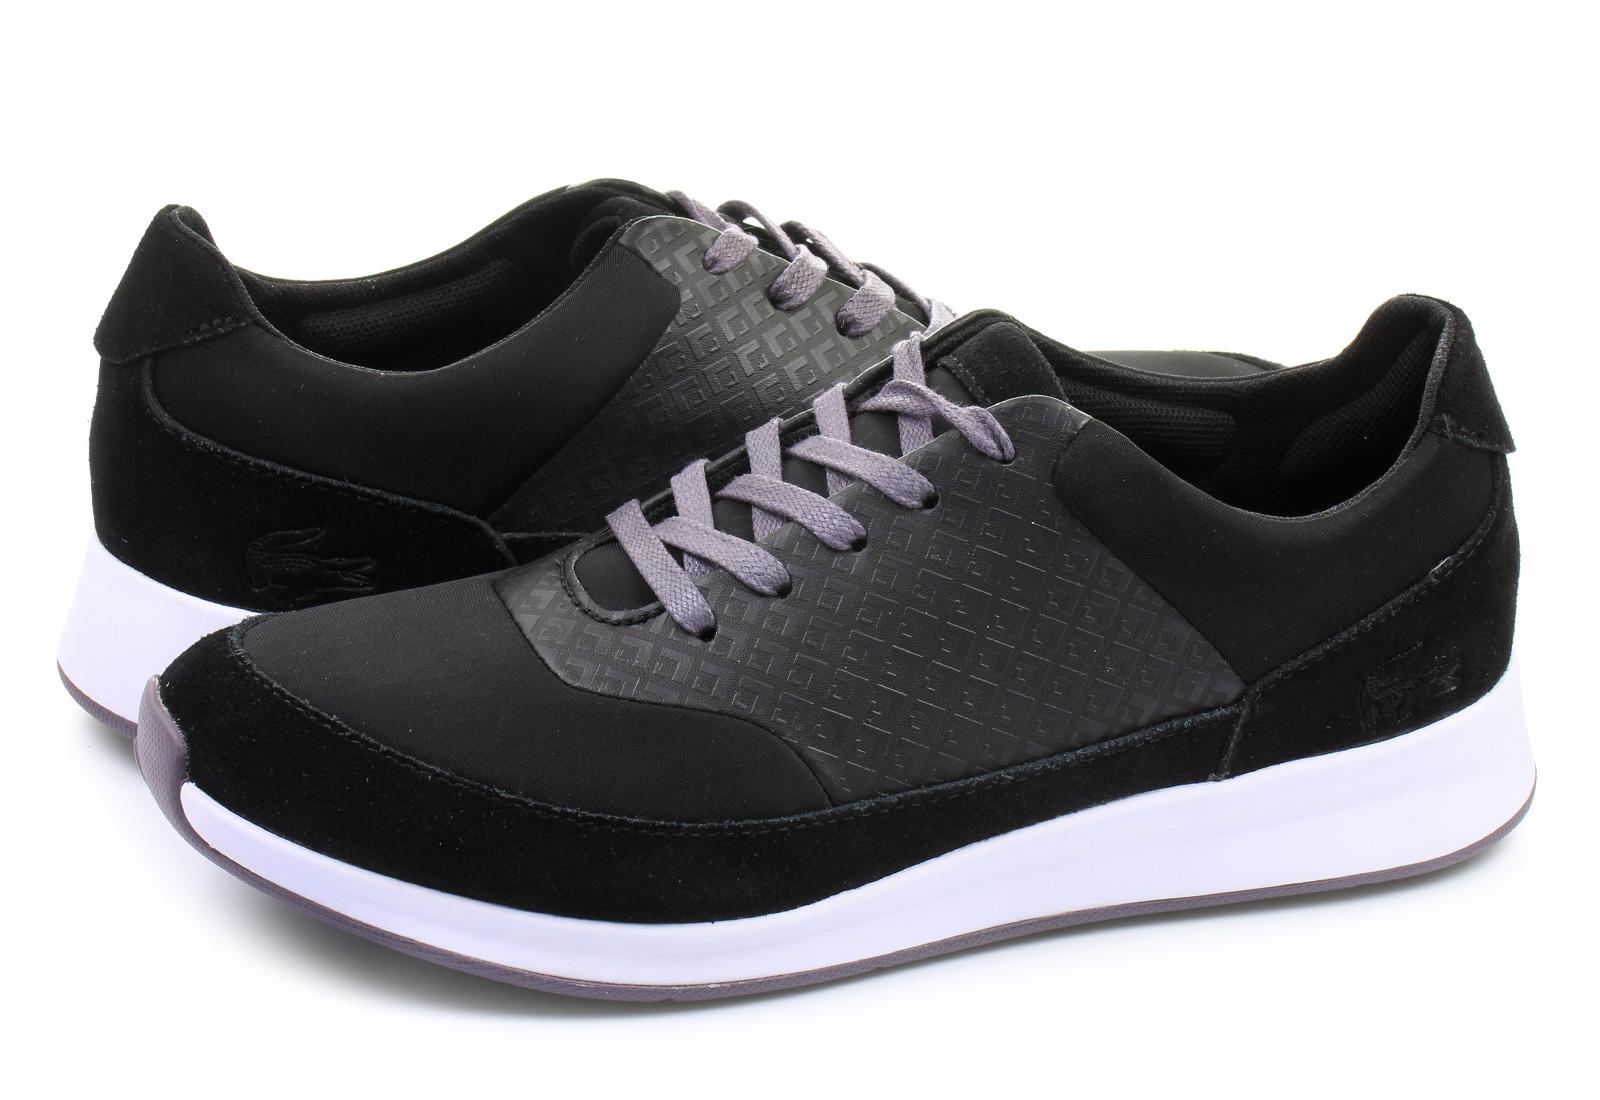 Lacoste Shoes - Joggeur Lace 1 - 164caw0138-024 - Online shop for ... 044be6c5d8